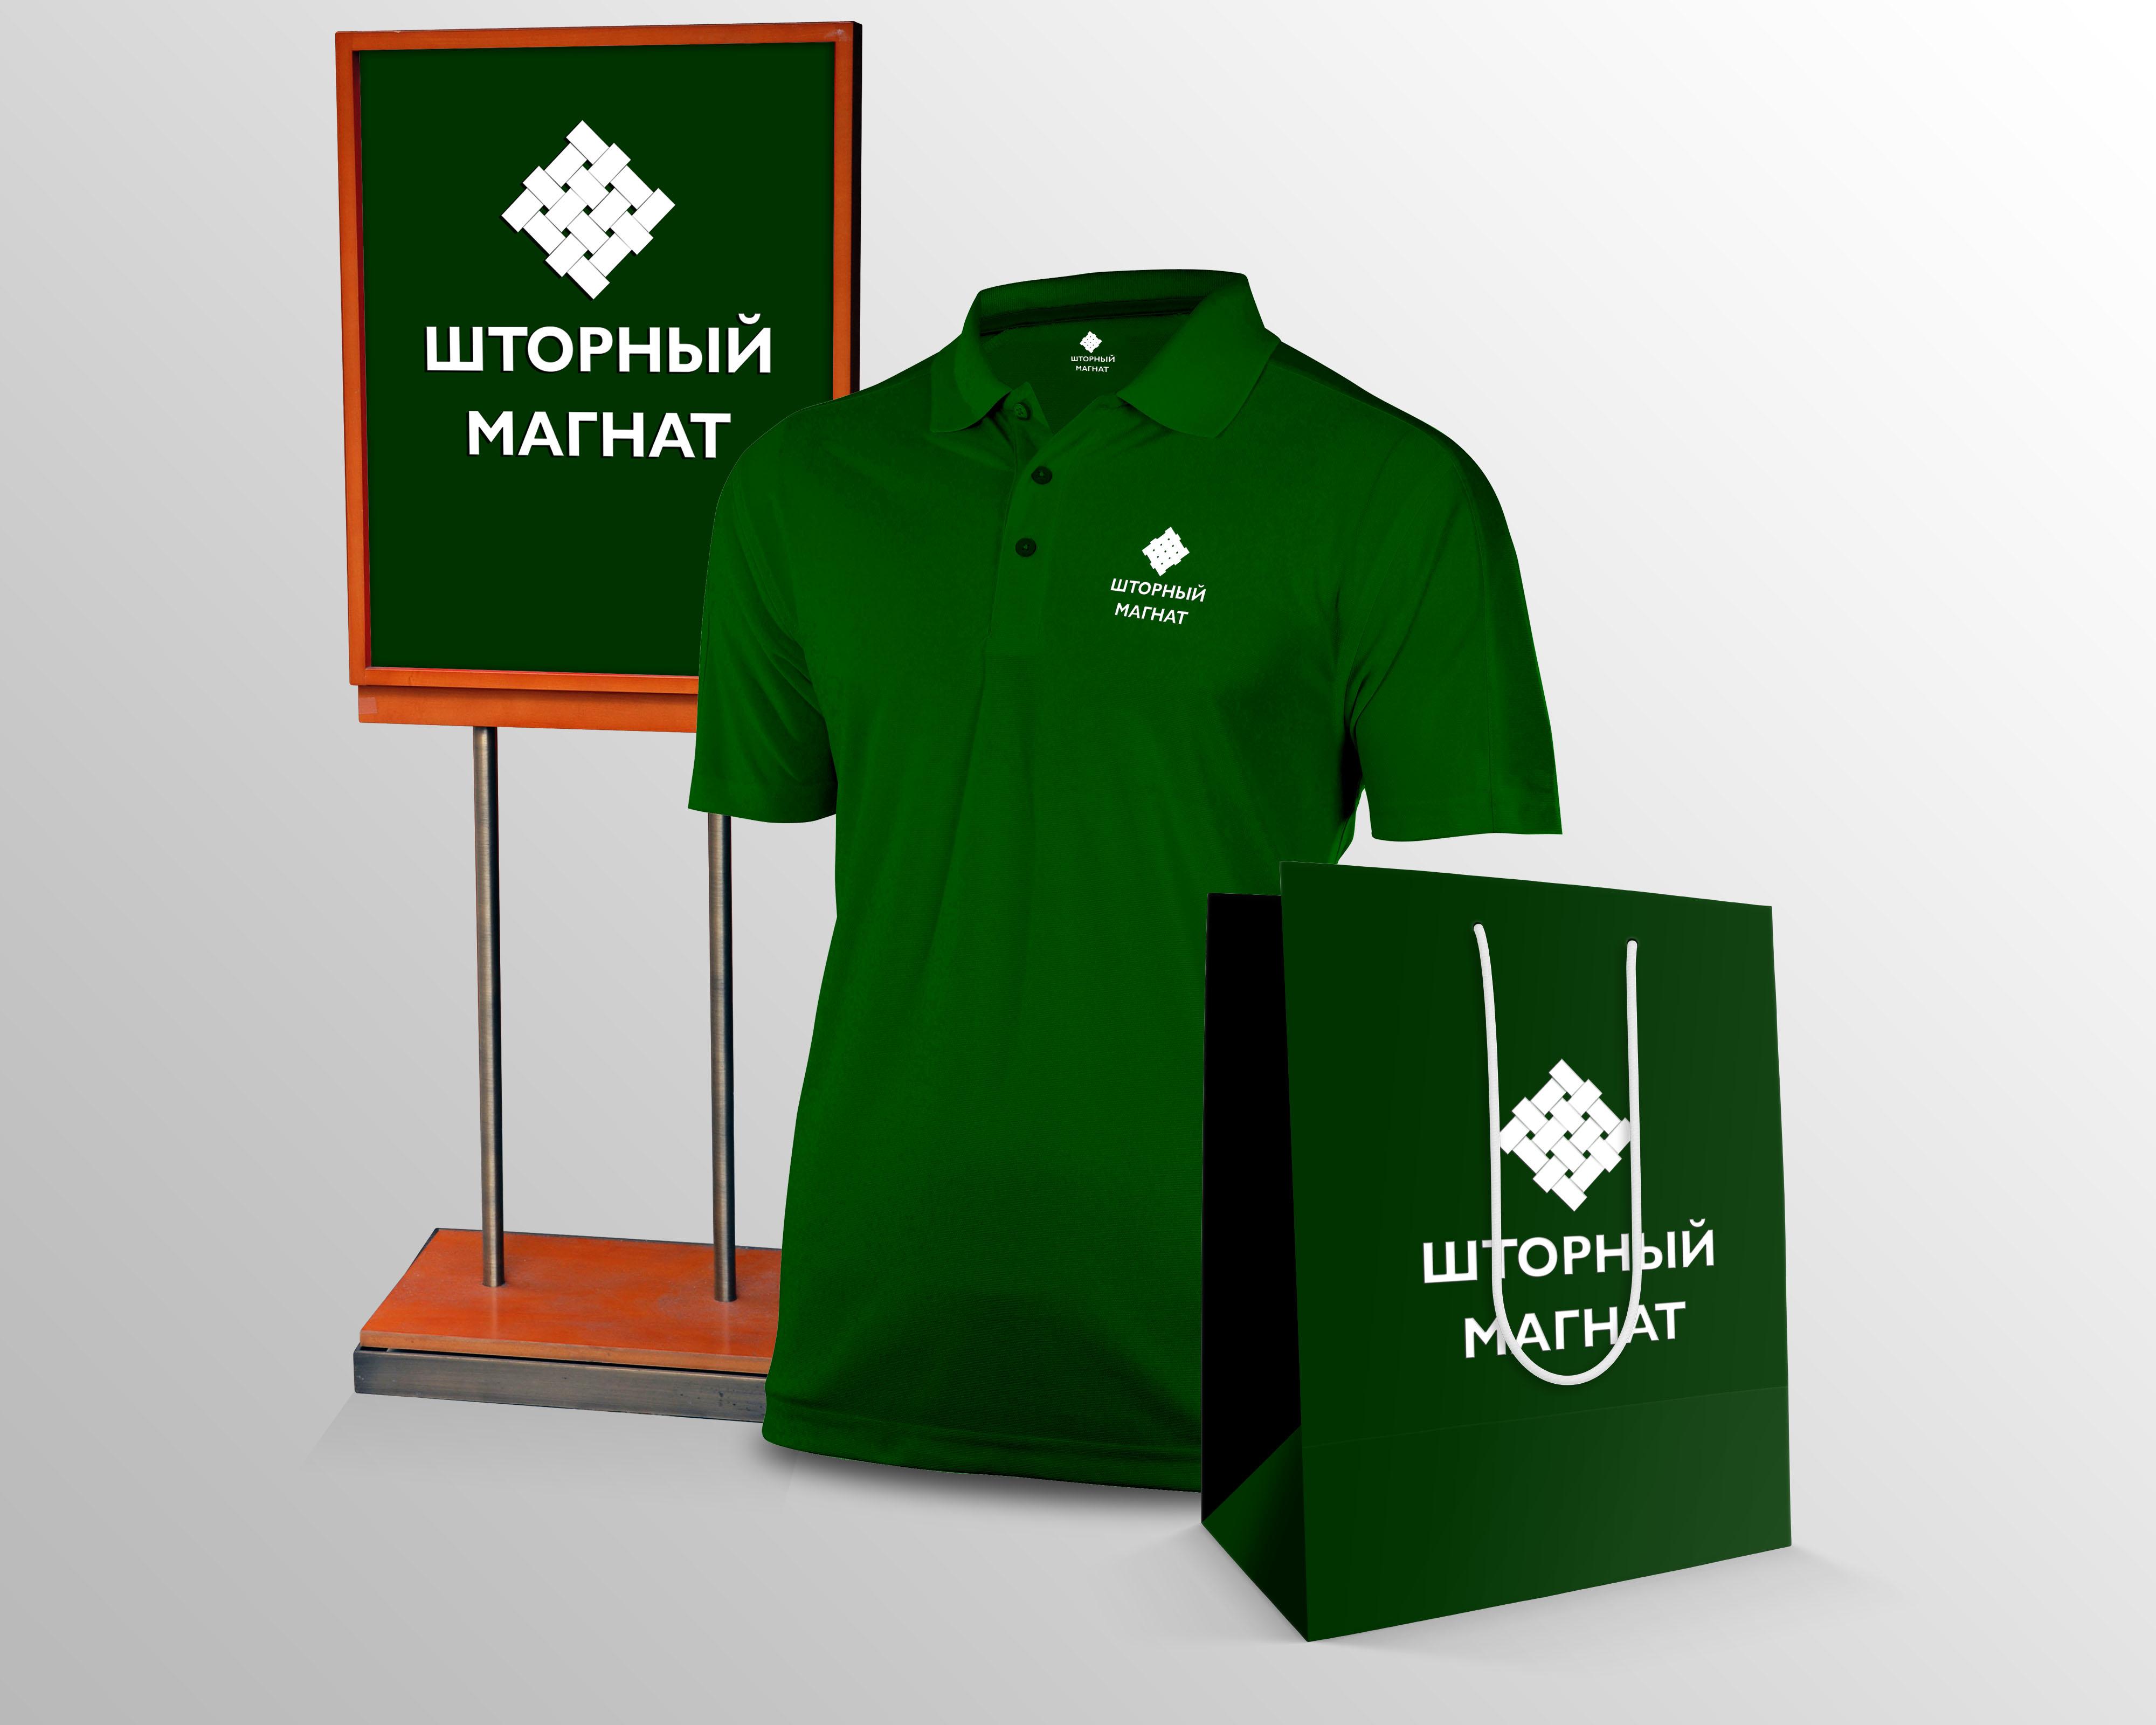 Логотип и фирменный стиль для магазина тканей. фото f_5635cdd7598c5c86.jpg